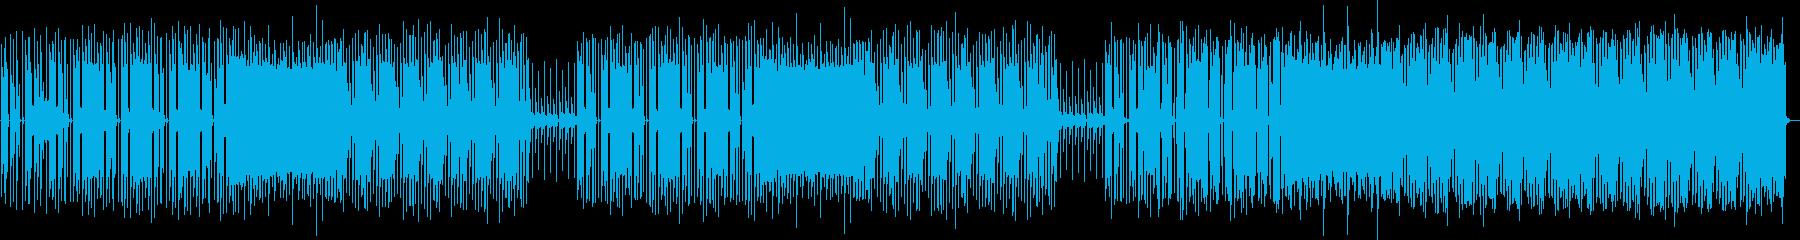 不協和音のシンセライン、不気味なピ...の再生済みの波形